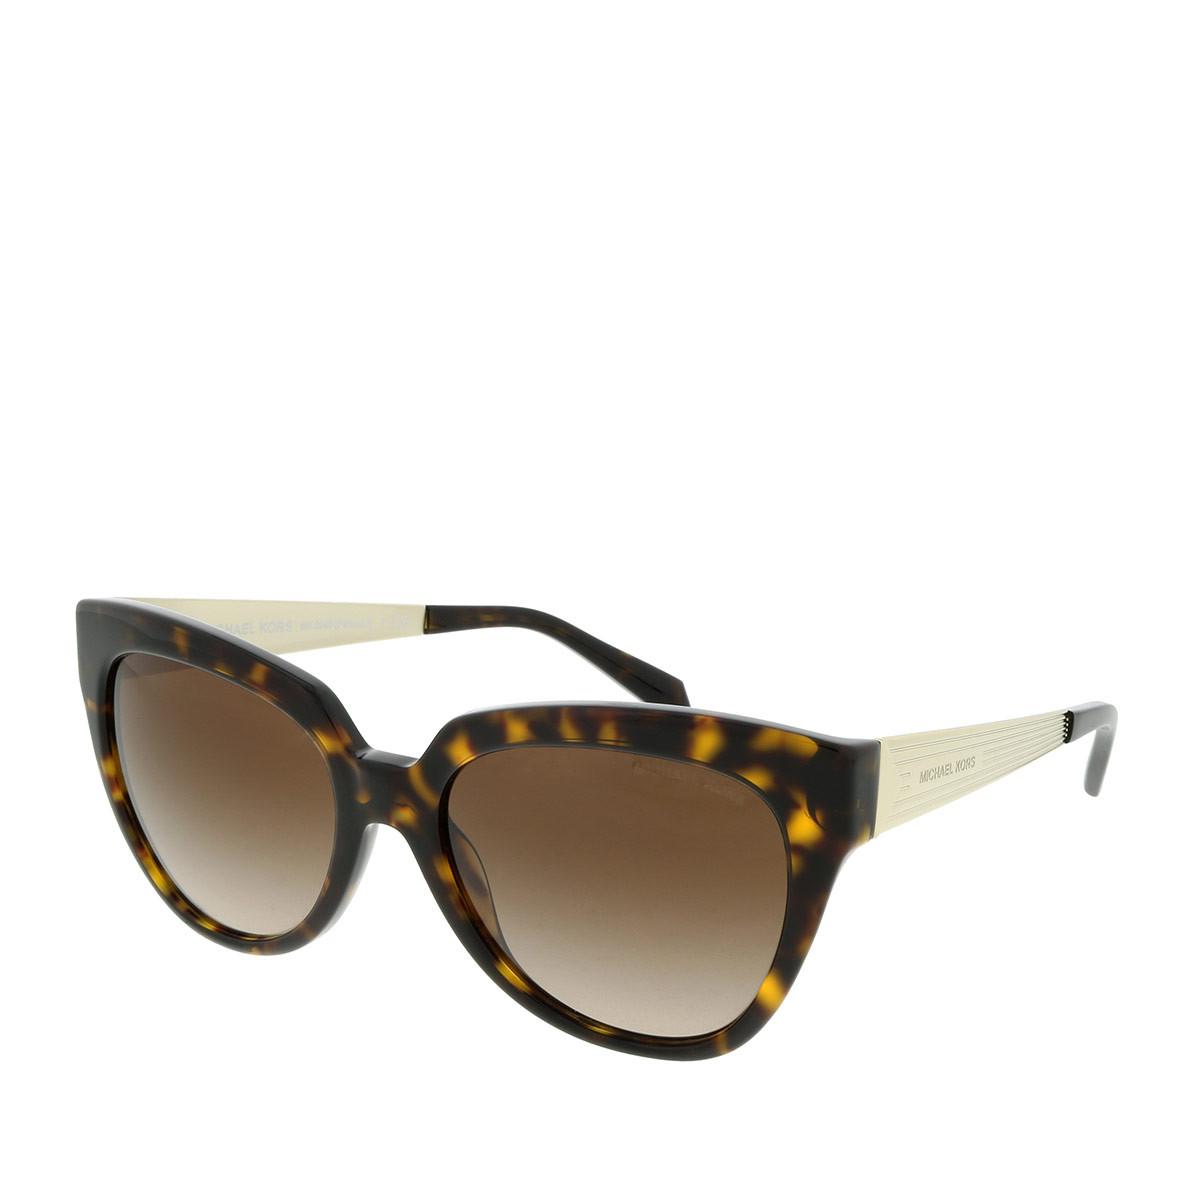 Michael Kors Sonnenbrille - MK 0MK2090 55 300613 - in braun - für Damen